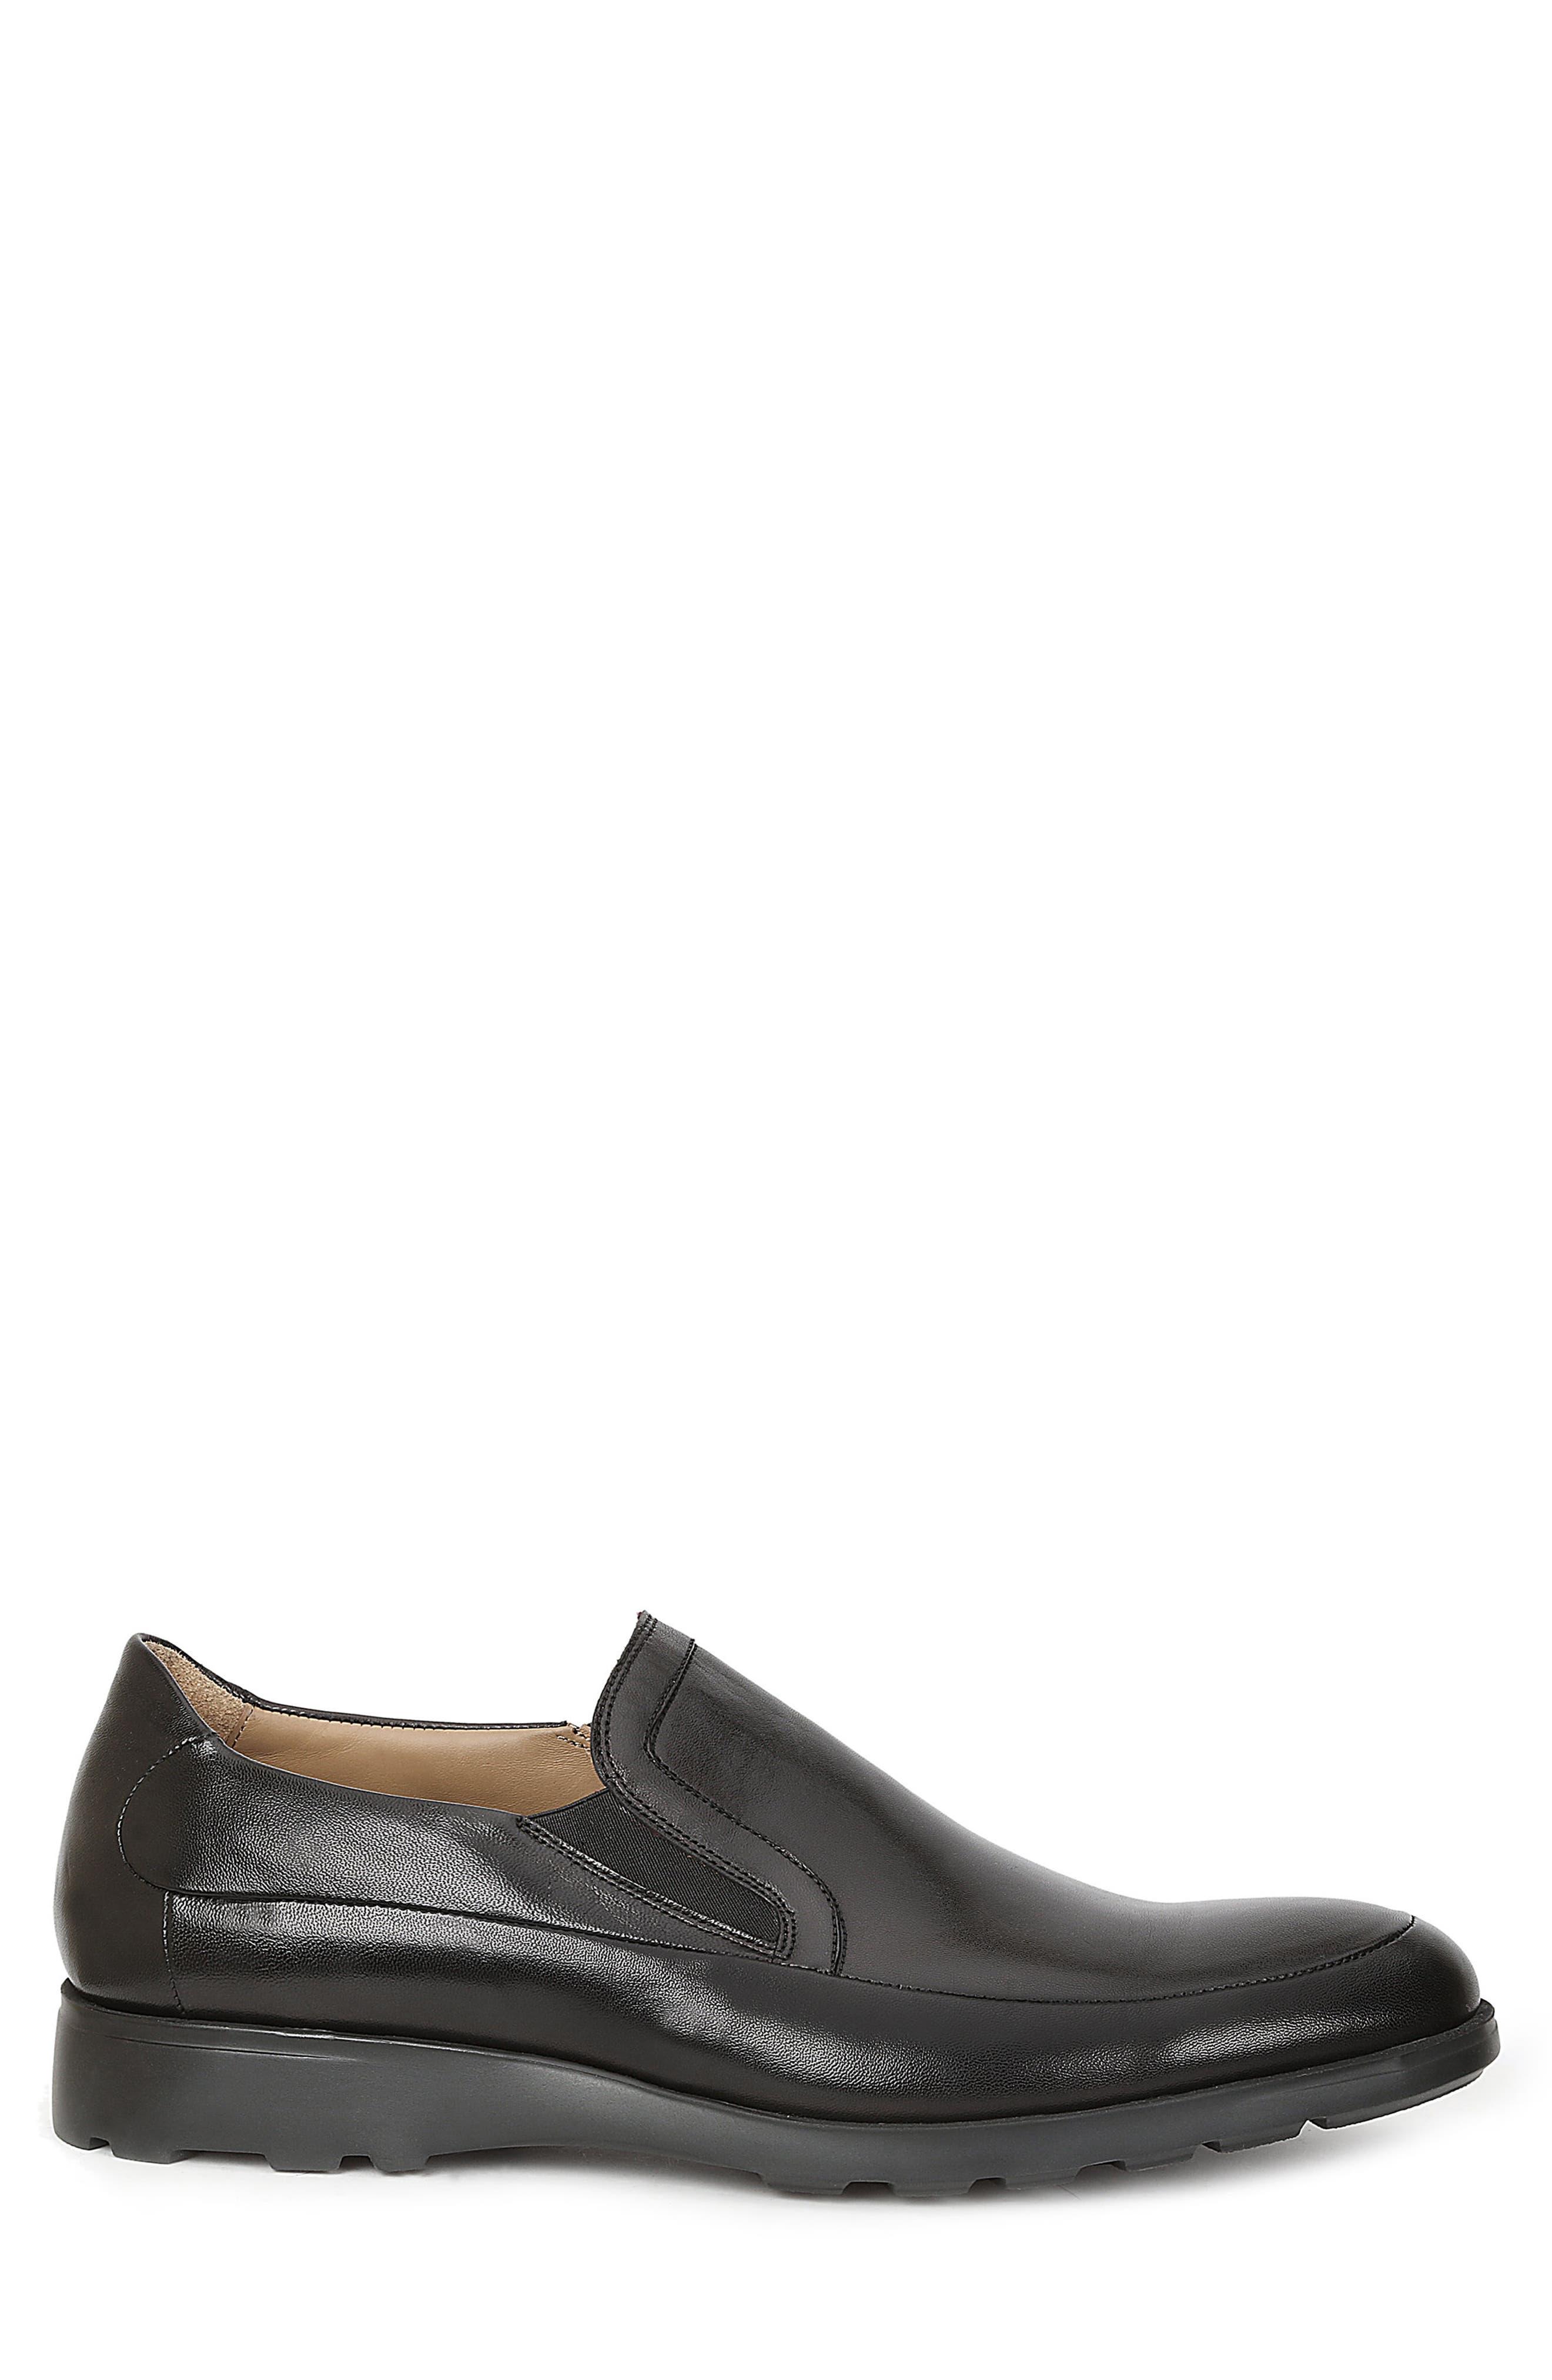 Vegas Apron Toe Loafer,                             Alternate thumbnail 3, color,                             Black Leather